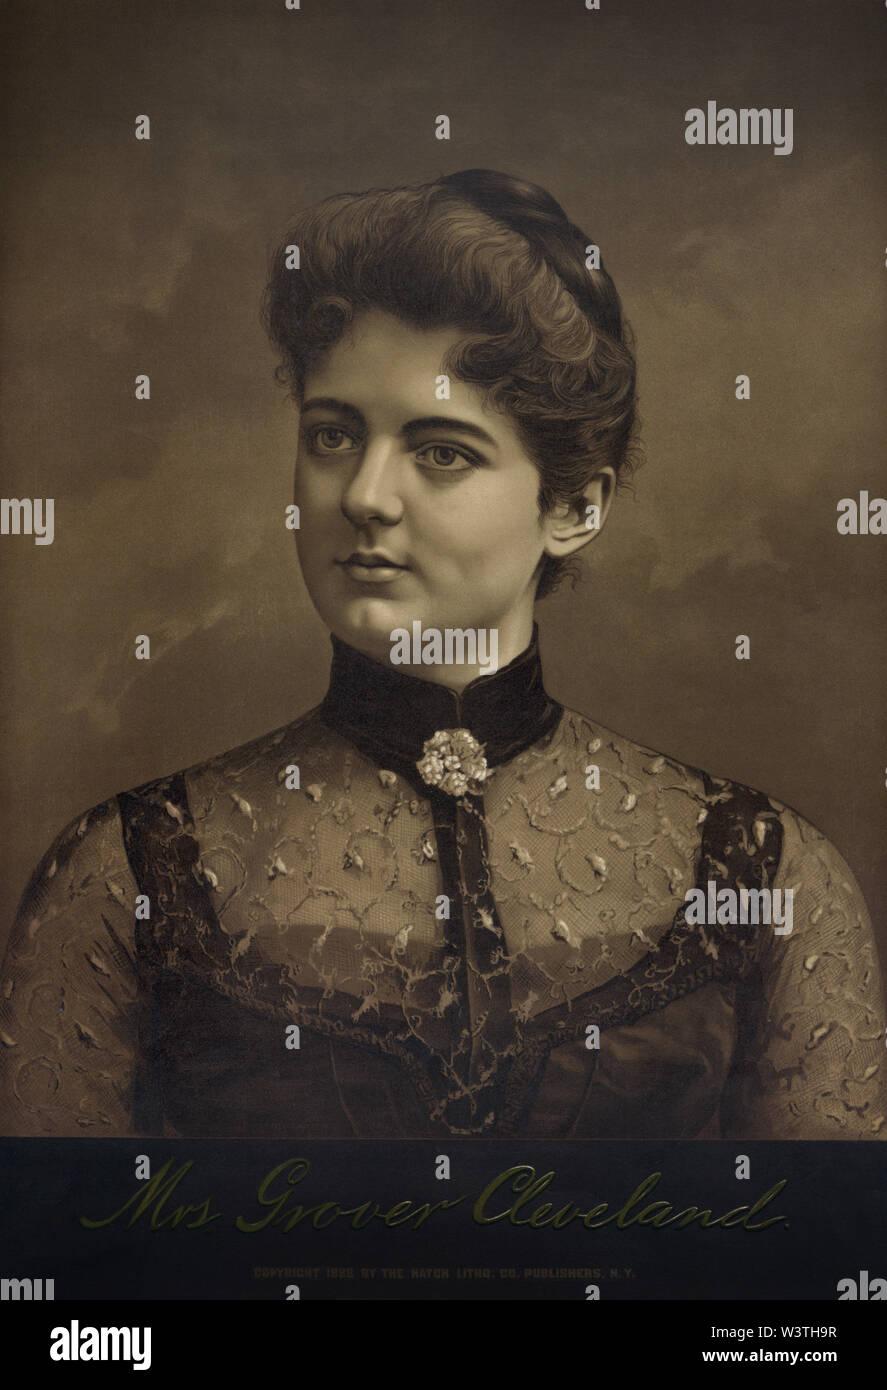 La Sra. Grover Cleveland, Litografía publicado por Hatch Litografía Co., 1888 Imagen De Stock